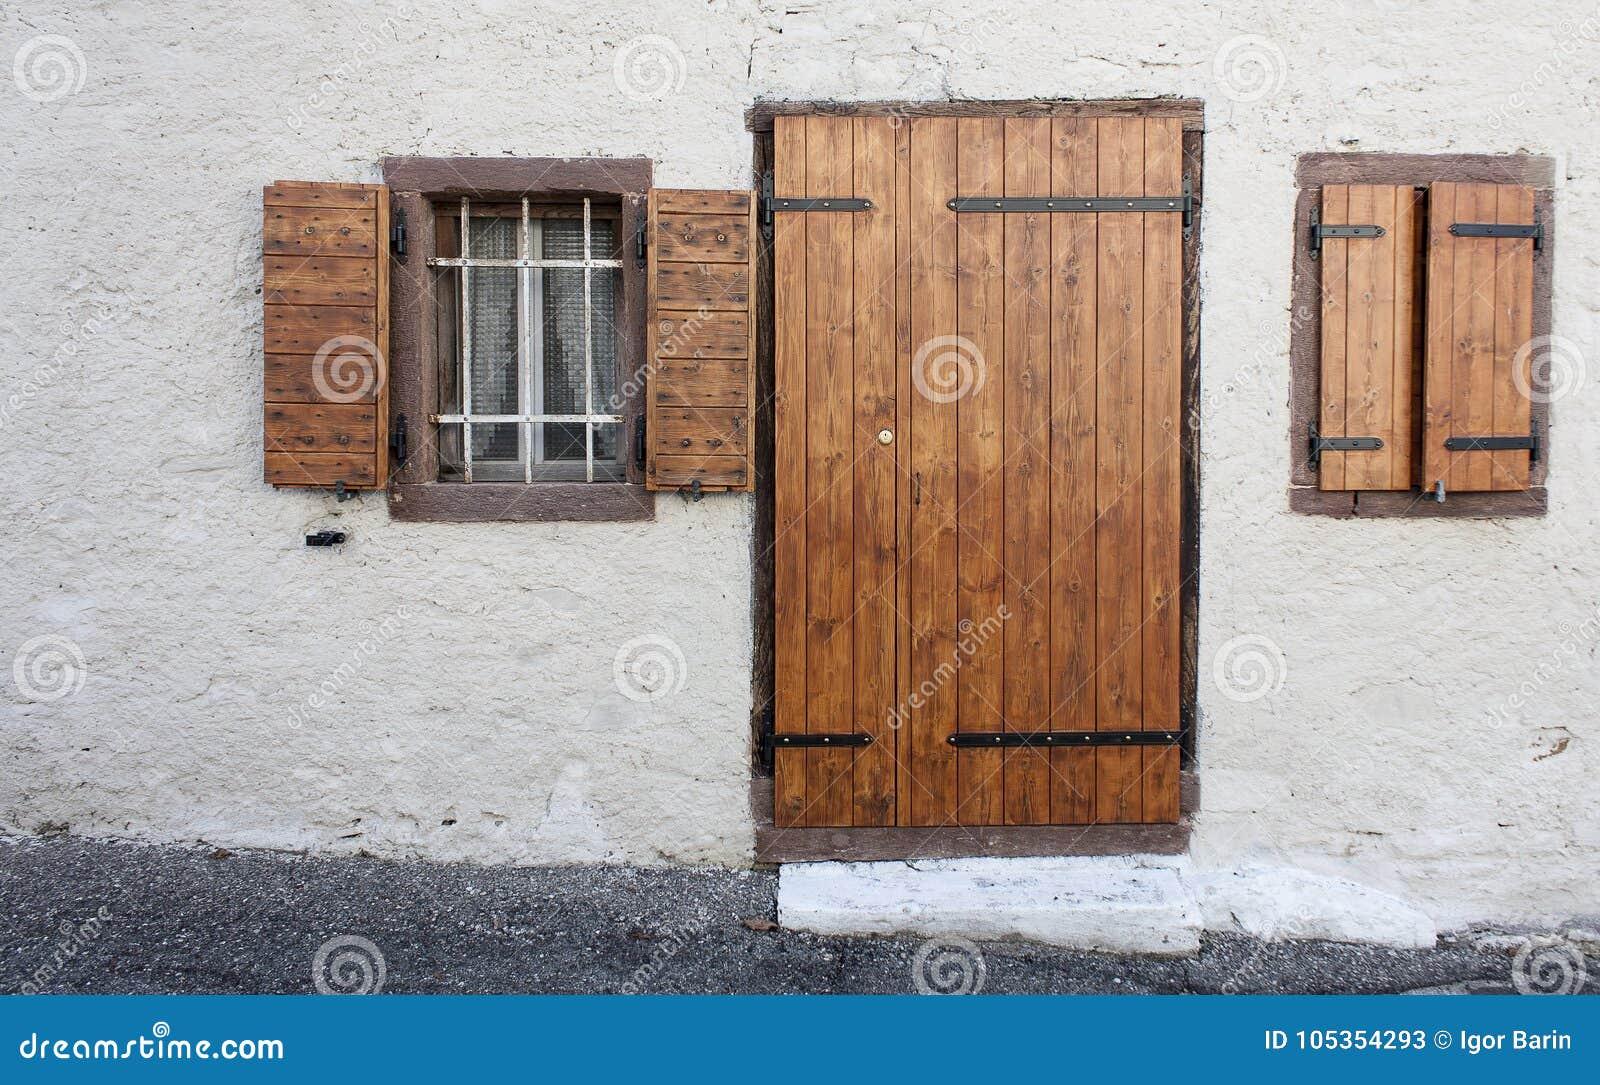 Puertas Y Ventanas De Madera Vintage Rustico Imagen De Archivo